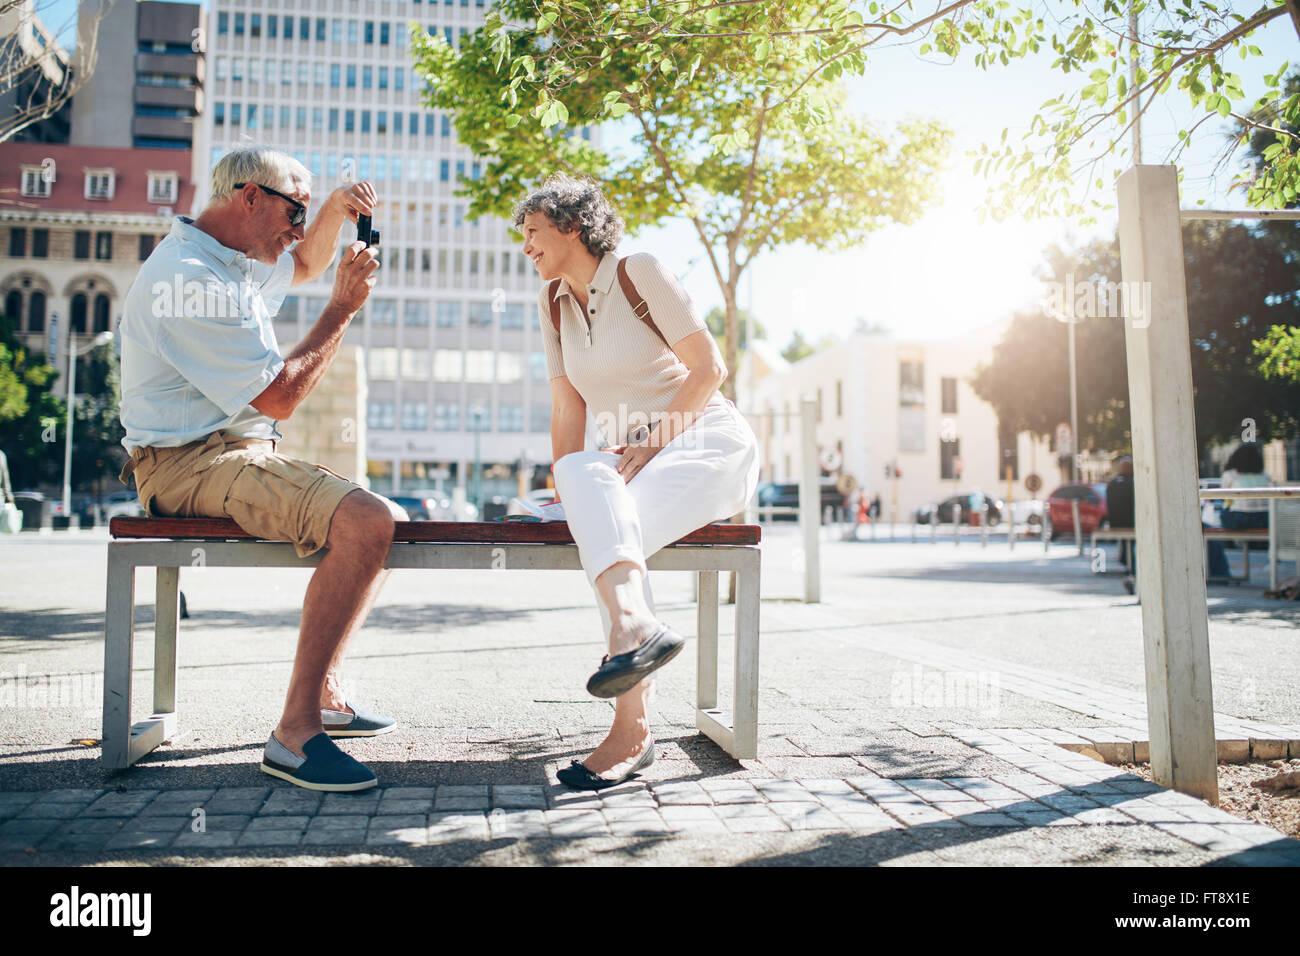 Vista lateral de las parejas ancianas tomando fotografías mientras está de vacaciones. Pareja sentada Imagen De Stock